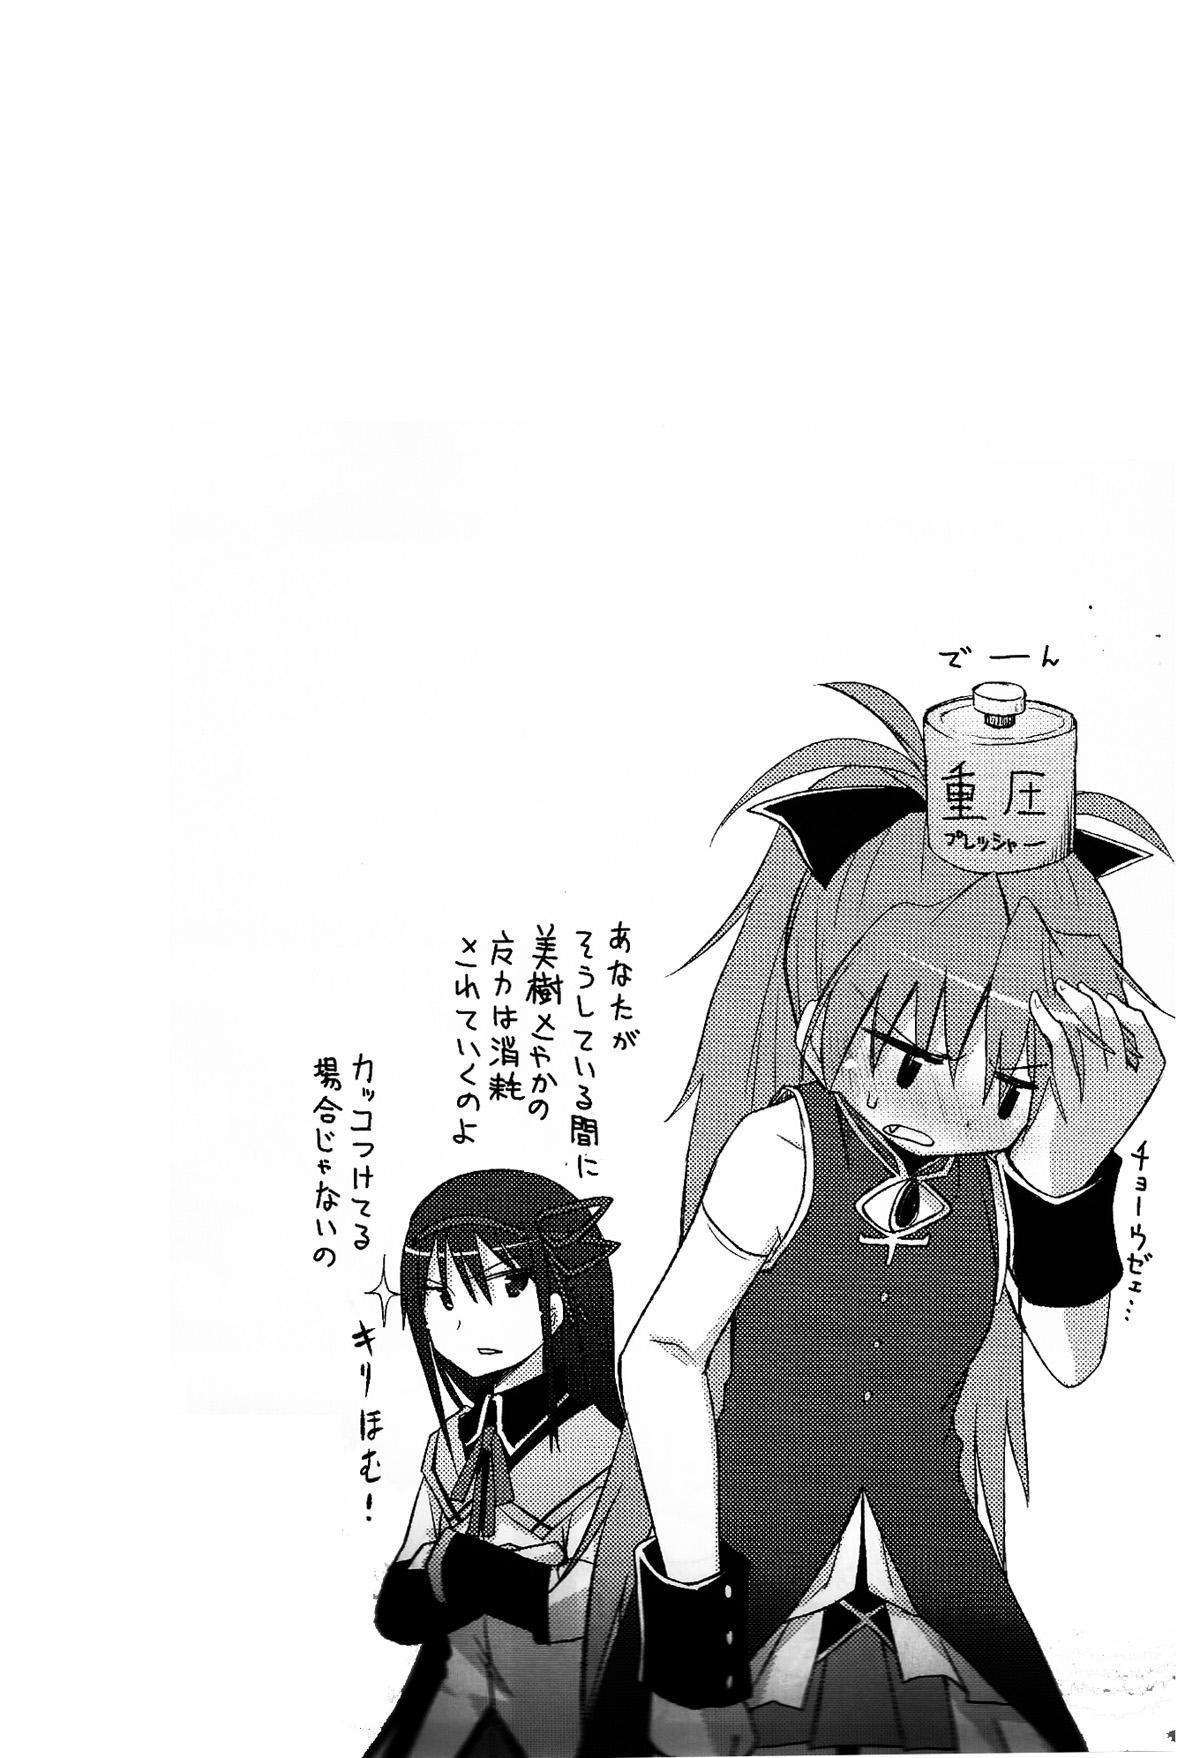 Atashitachi no Seizon Senryaku 13